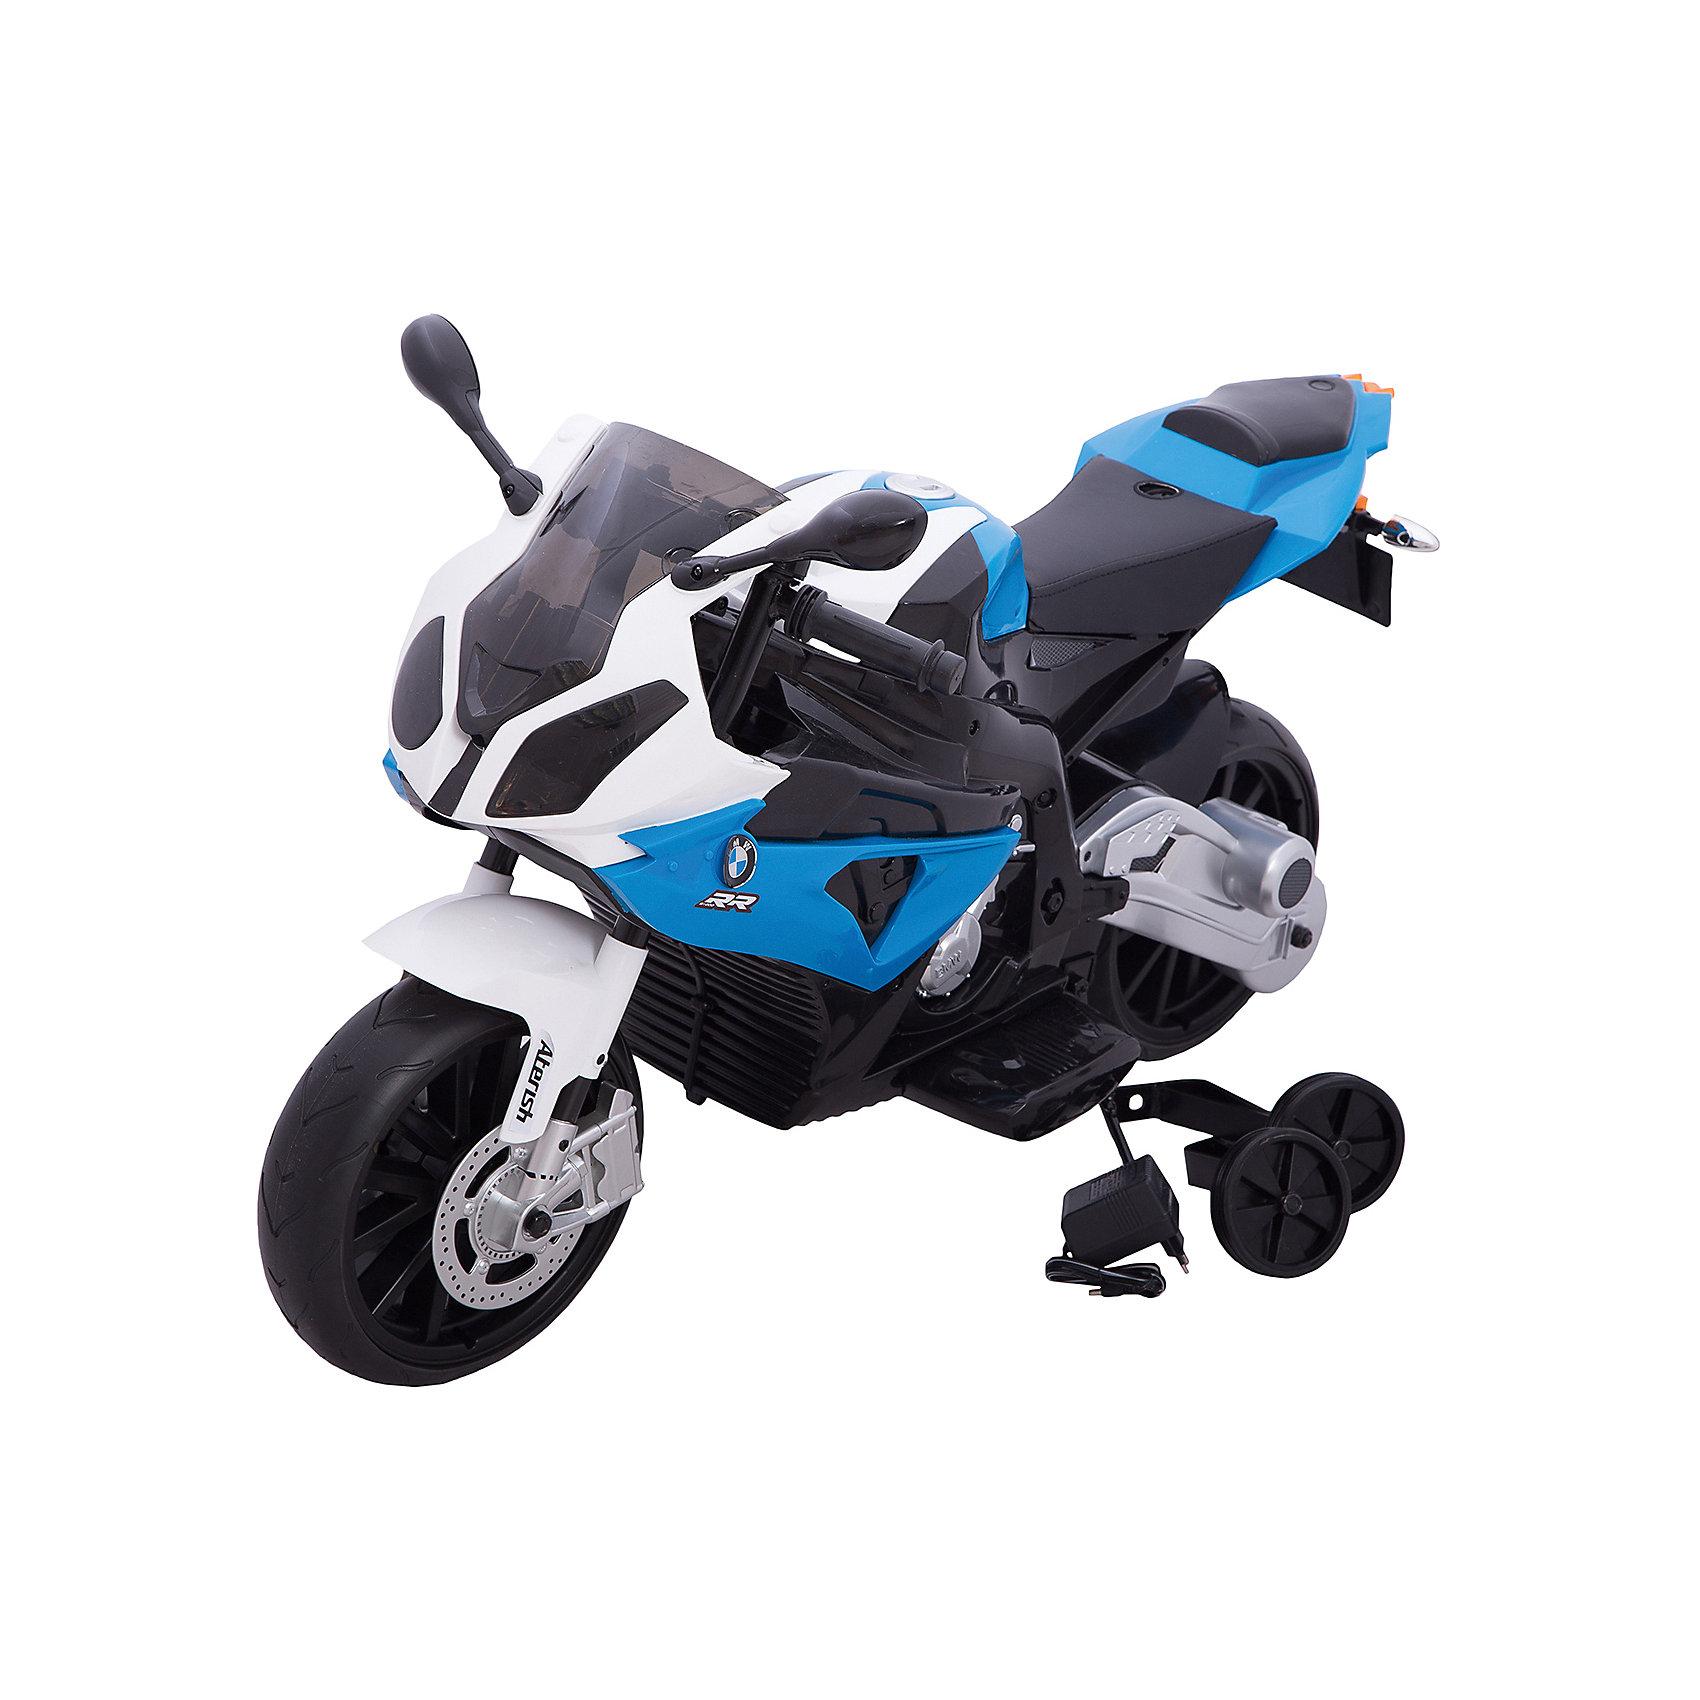 Электромотоцикл BMW S1000RR, со светом и звуком, ZilmerЭлектромобили<br>Характеристики товара:<br><br>• материал: металл, полимер<br>• цвет: синий<br>• аккумуляторная батарея: 12V/7Ah<br>• удобный руль <br>• световые и звуковые эффекты<br>• удобное сиденье<br>• легко управляется<br>• надежные материалы<br>• продуманная конструкция<br>• стильный дизайн<br>• возраст: от 3 лет<br>• размер: 110x41x68 см<br>• вес: 14 кг<br>• страна производства: Китай<br><br>О таком электромотоцикле мечтают многие мальчишки! Он очень красиво выглядит, также мотоцикл способствует скорейшему развитию способности ориентироваться в пространстве, развивает физические способности, мышление и ловкость. Помимо этого, кататься на нём - очень увлекательное занятие!<br><br>Этот мотоцикл выделяется устойчивой конструкцией и удобным сиденьем, а также световыми и звуковыми эффектами. Данная модель выполнена в стильном дизайне, отличается продуманной конструкцией. Легко управляется даже малышами. Отличный подарок для активного ребенка!<br><br>Электромобиль BMW S1000RR, со светом и звуком, от бренда Zilmer можно купить в нашем интернет-магазине.<br><br>Ширина мм: 1100<br>Глубина мм: 410<br>Высота мм: 680<br>Вес г: 18100<br>Возраст от месяцев: 36<br>Возраст до месяцев: 72<br>Пол: Унисекс<br>Возраст: Детский<br>SKU: 5478520